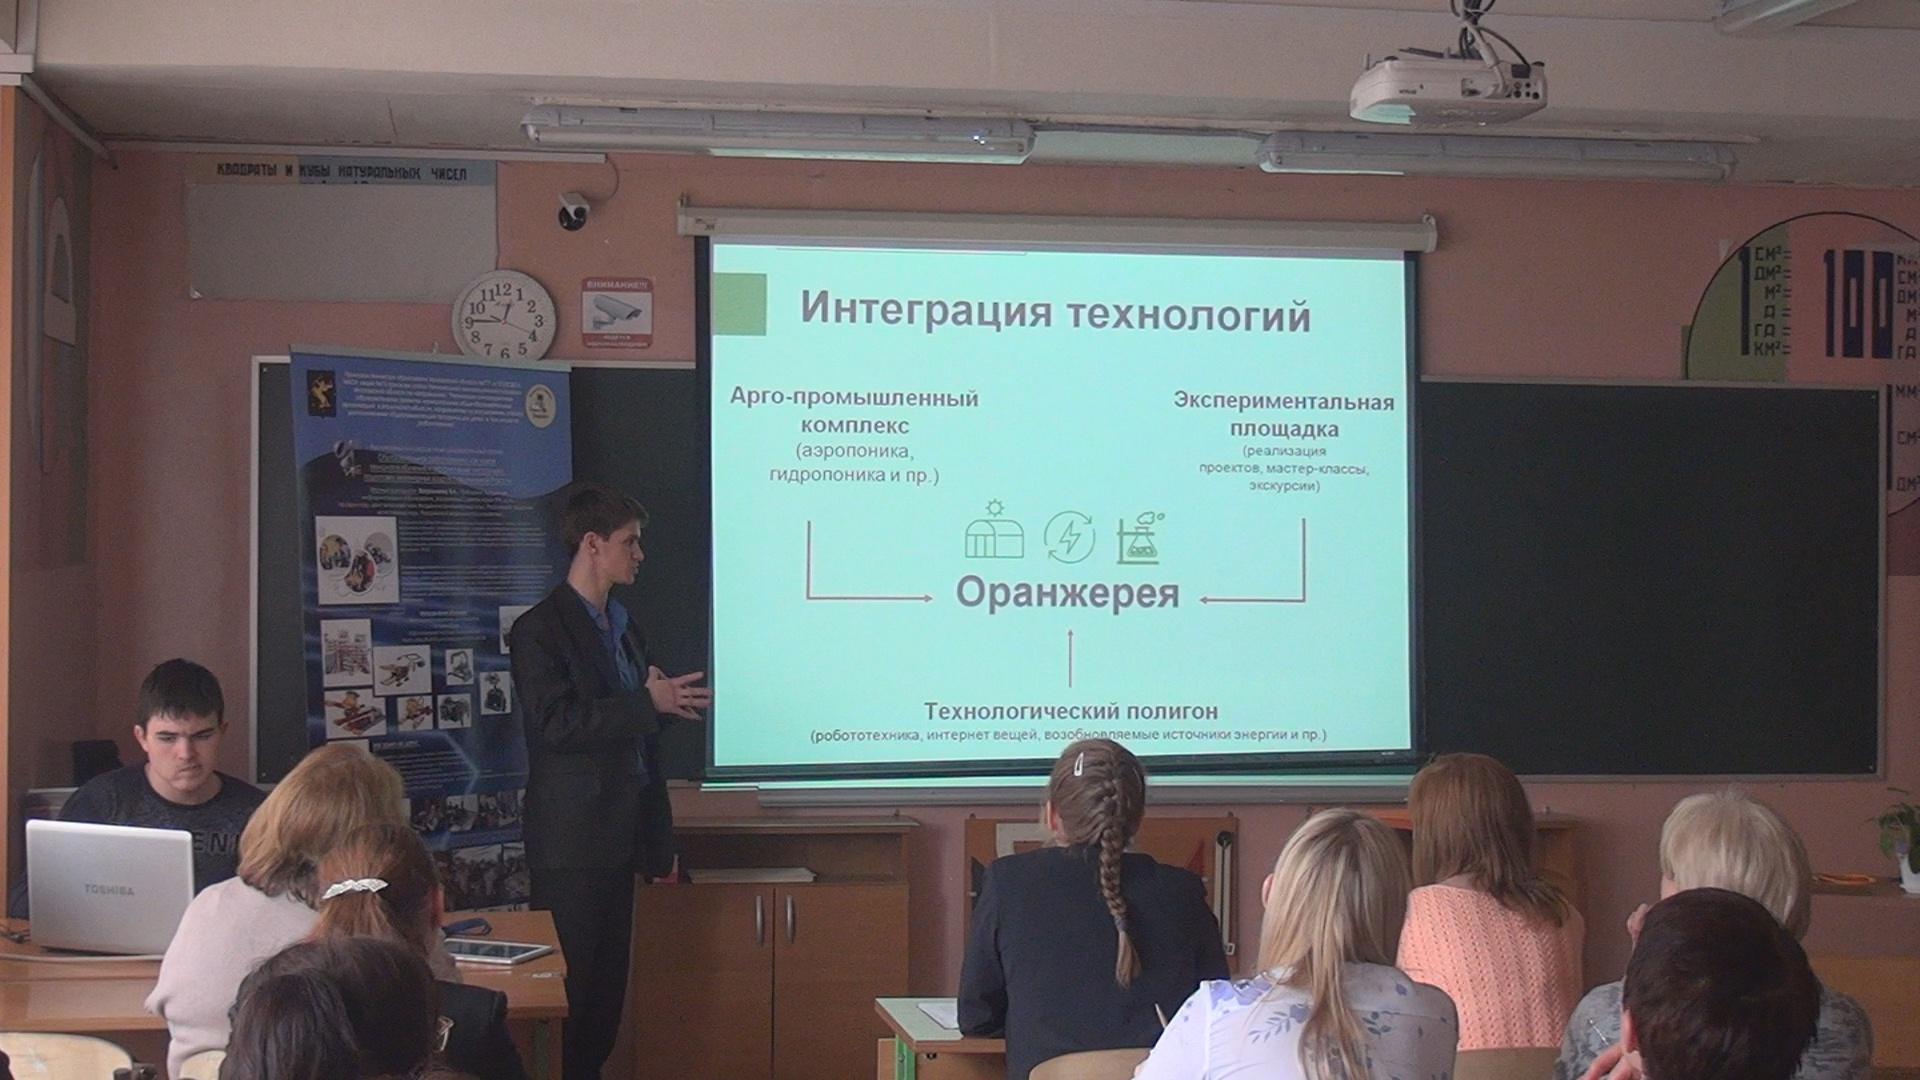 Об интернете вещей, рассказывает Андрей Бобырев